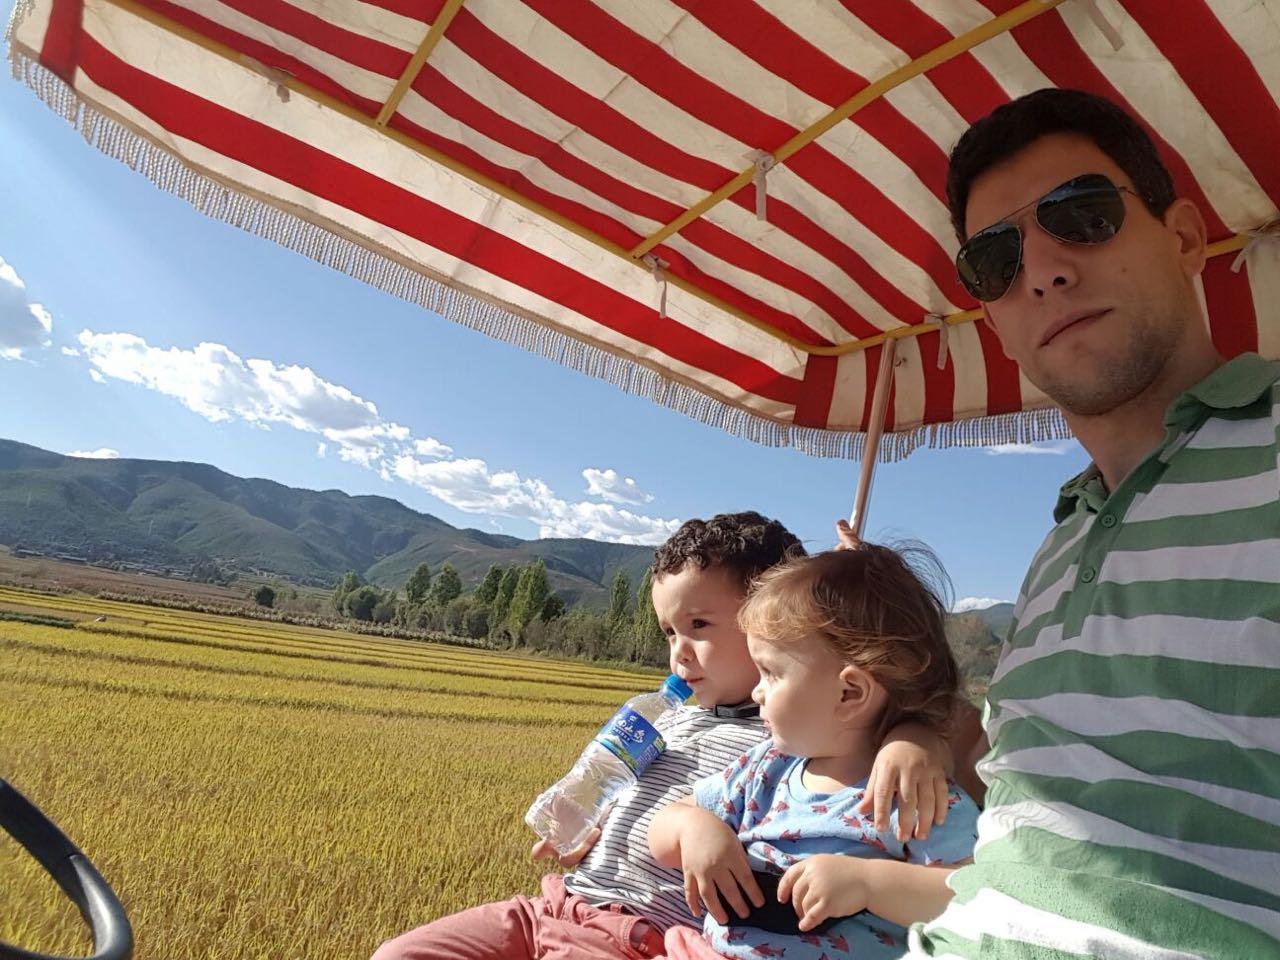 Victoire – Vacances en famille autour de Dali (7 jours)